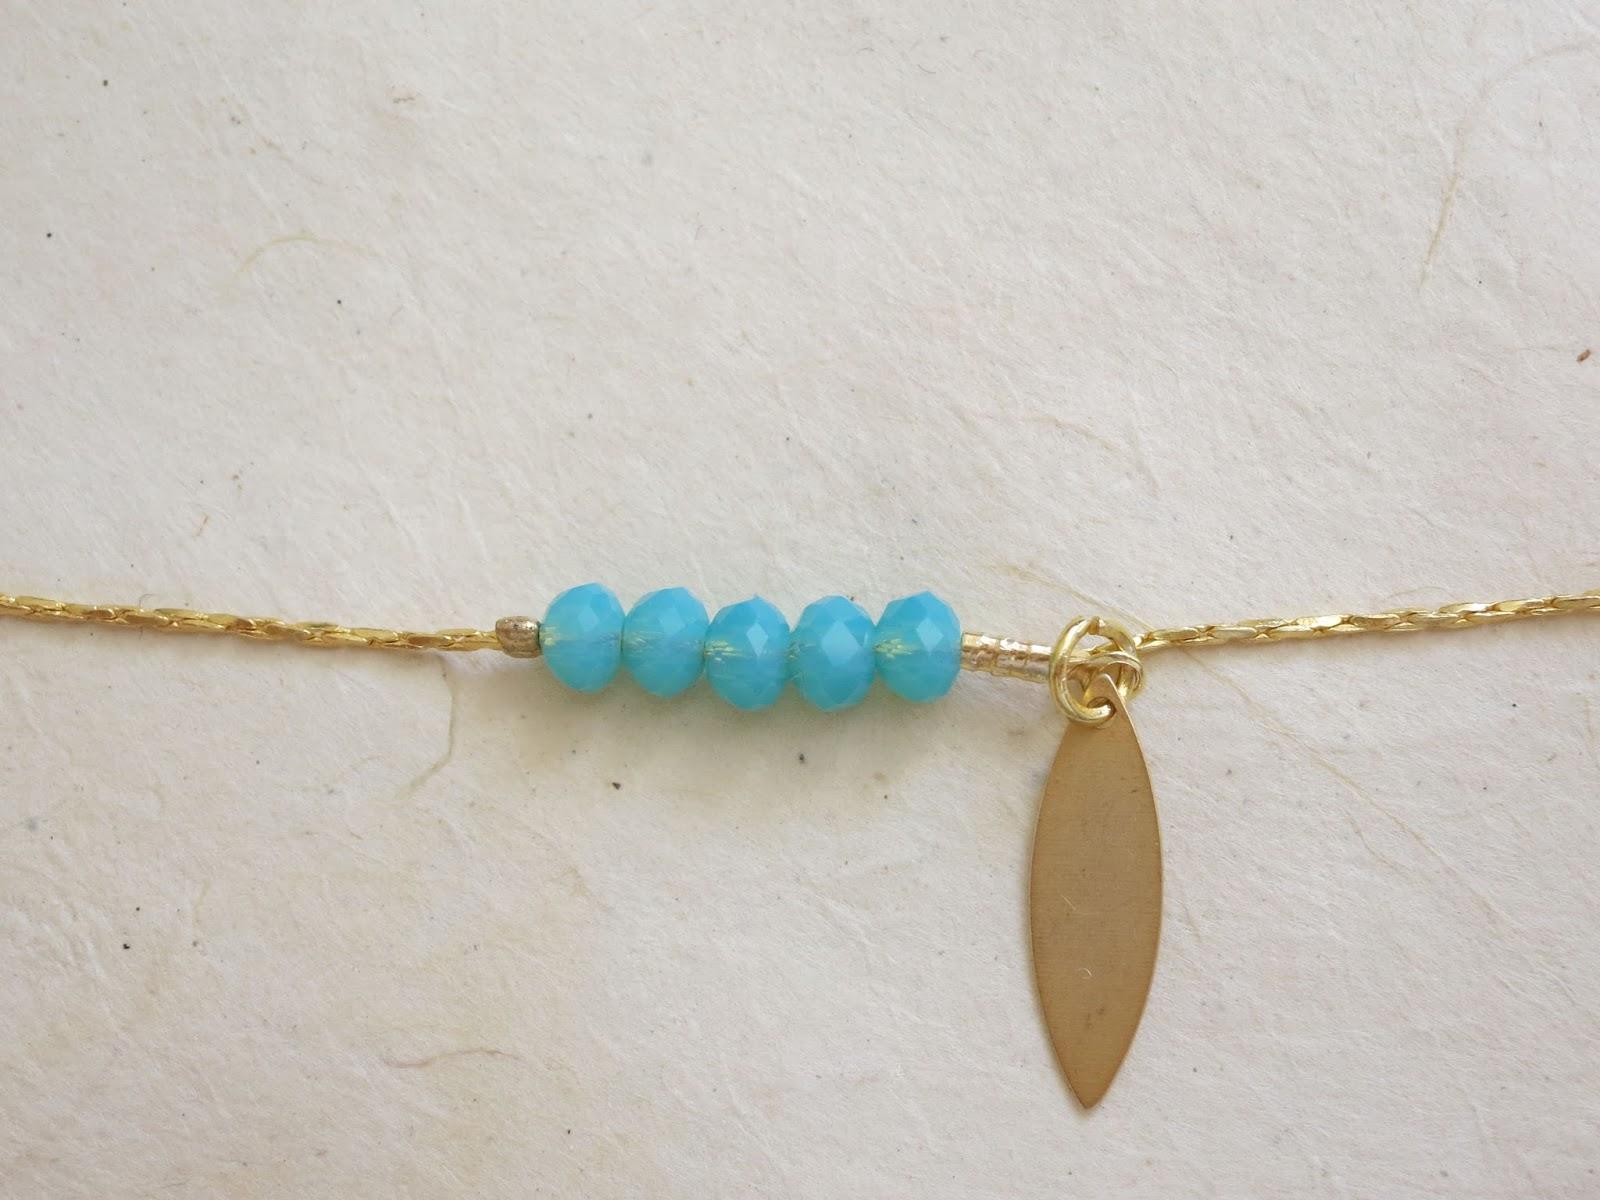 l 39 atelier de kalua tuto bijou 1 une parure dor e et turquoise le bracelet. Black Bedroom Furniture Sets. Home Design Ideas